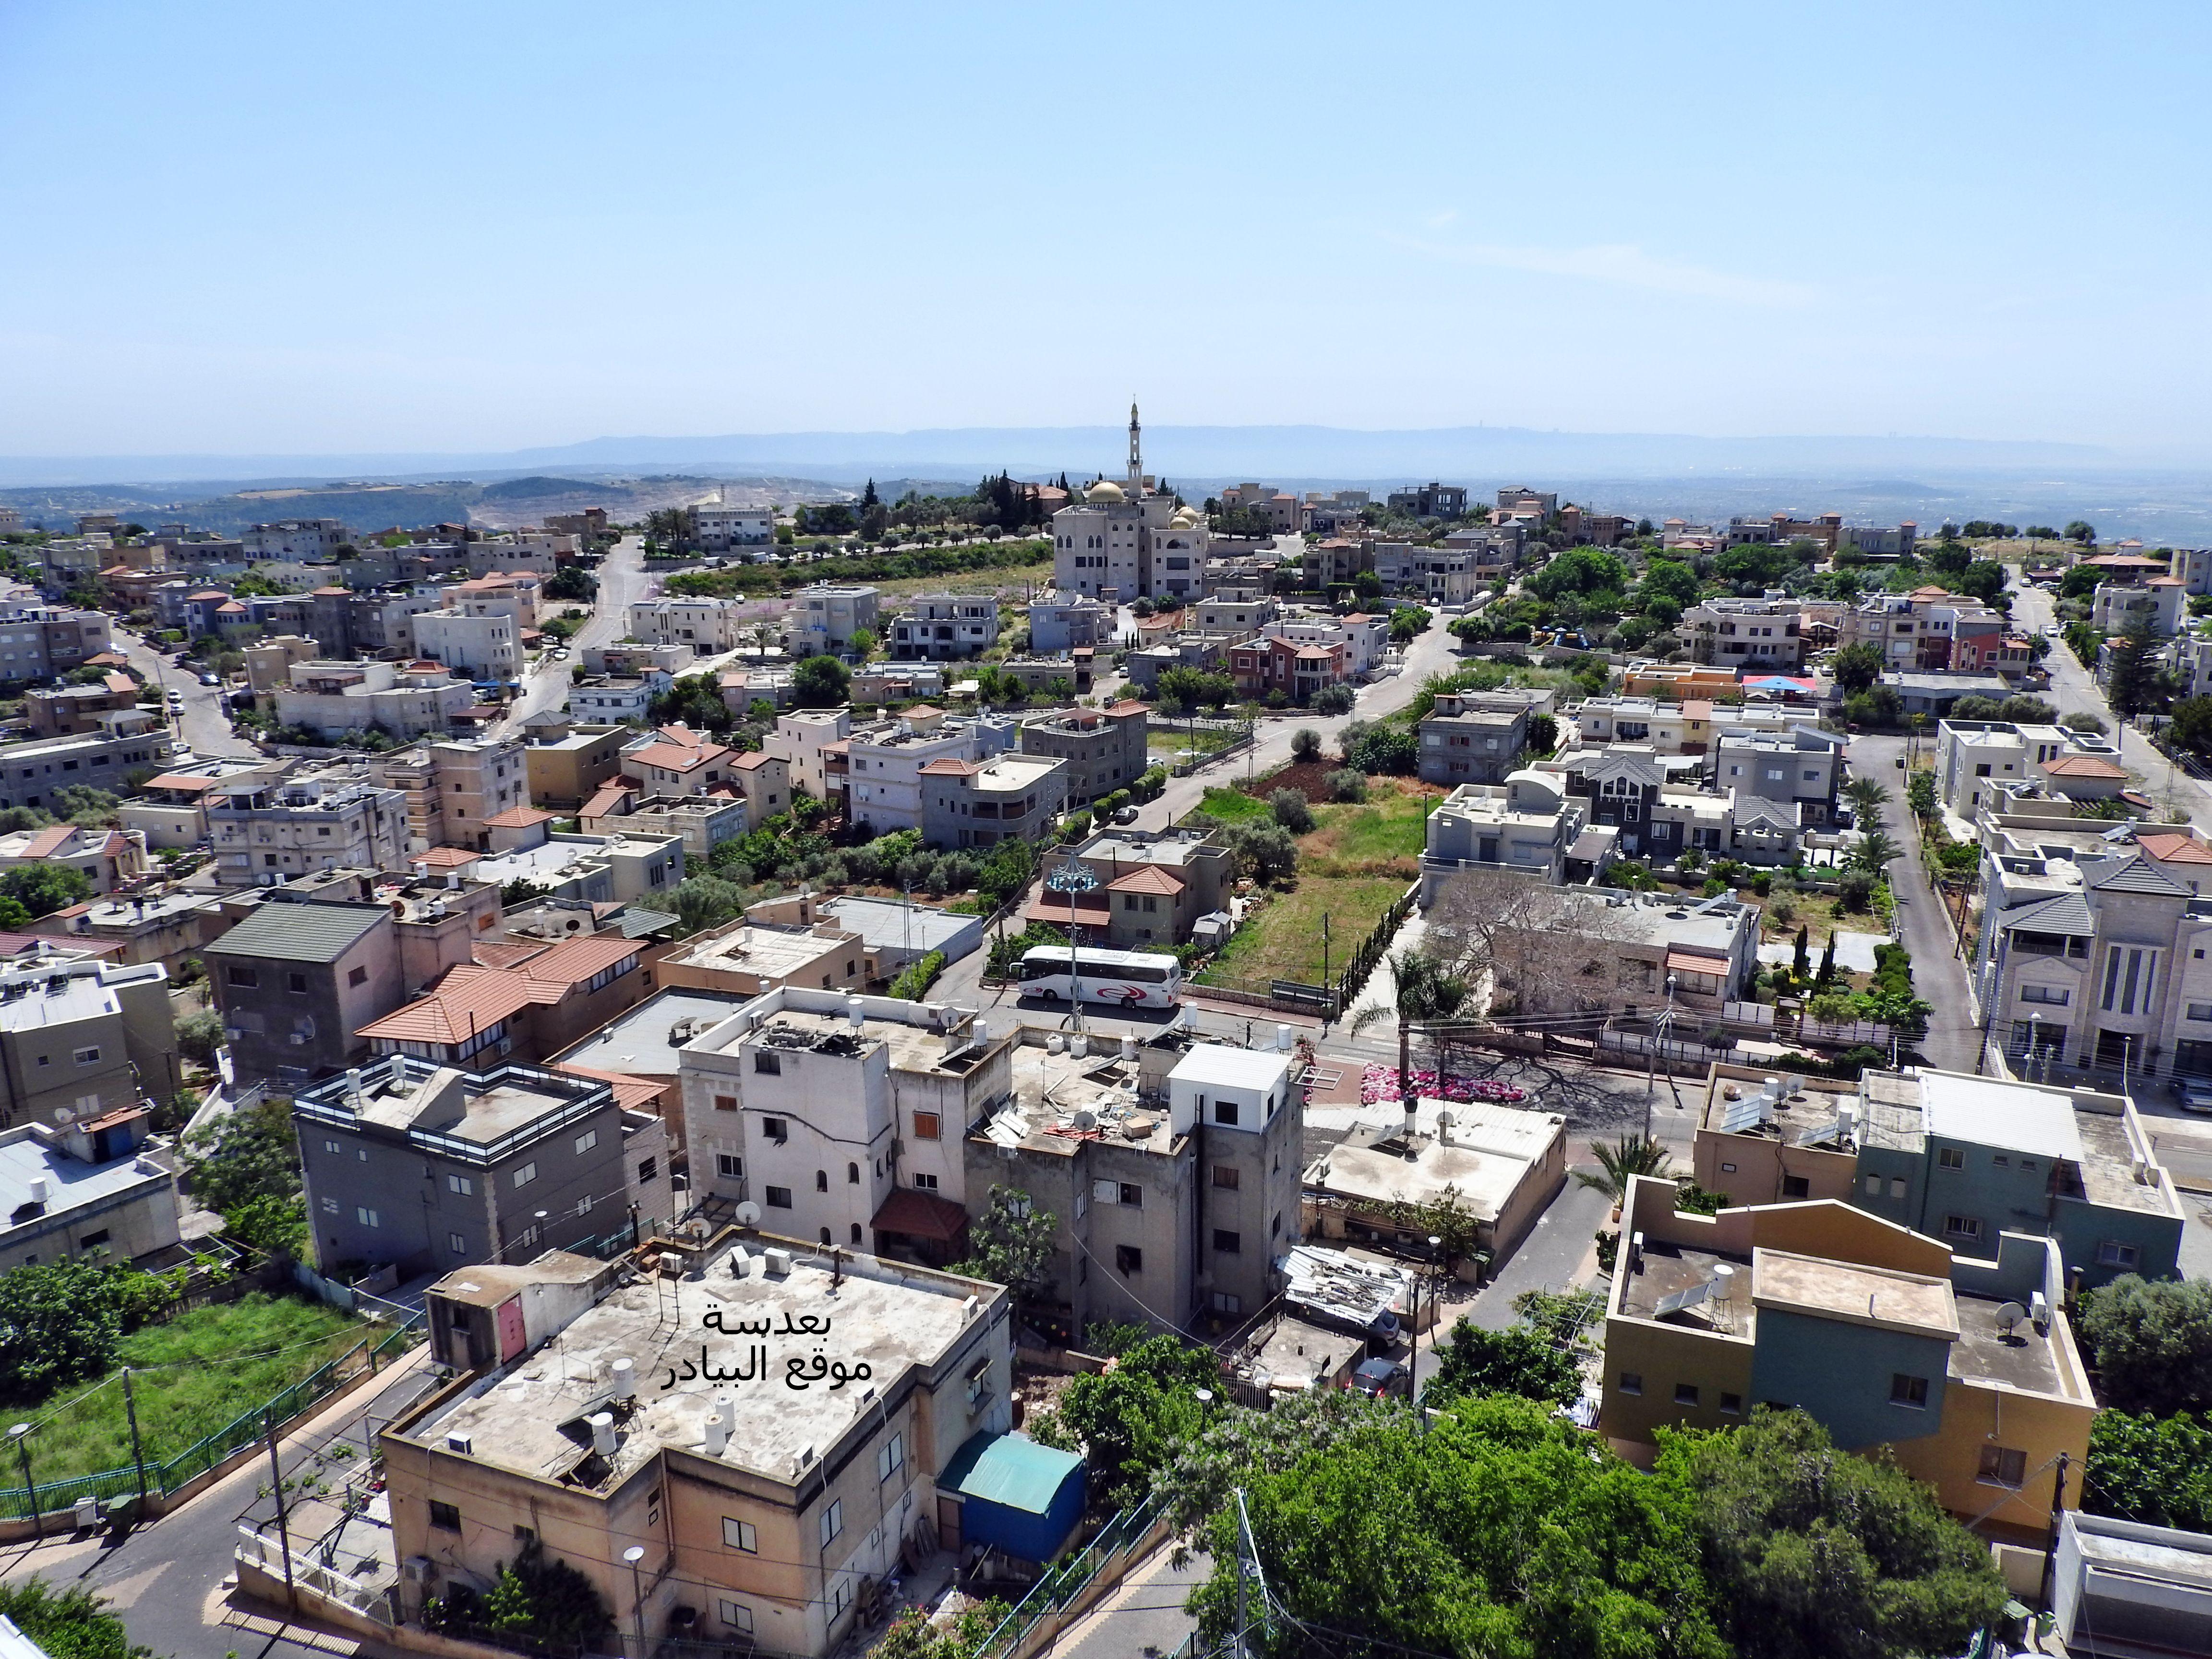 مجلس كوكب المحلي:تقيدوا بتعليمات وزارة الصحة لمنع انتشار جائحة الكورونا